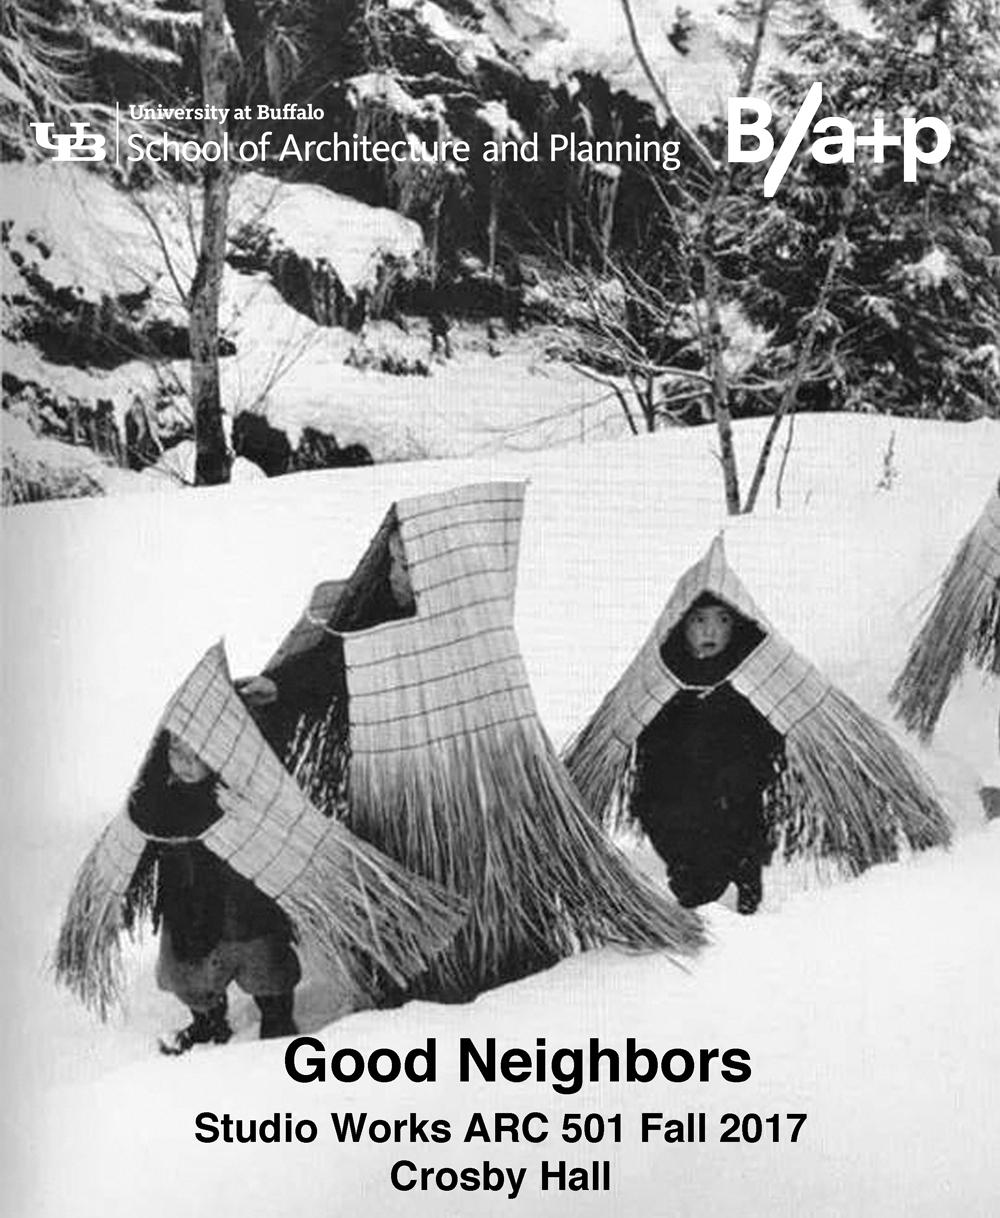 Good Neighbors_Poster_SM.jpg